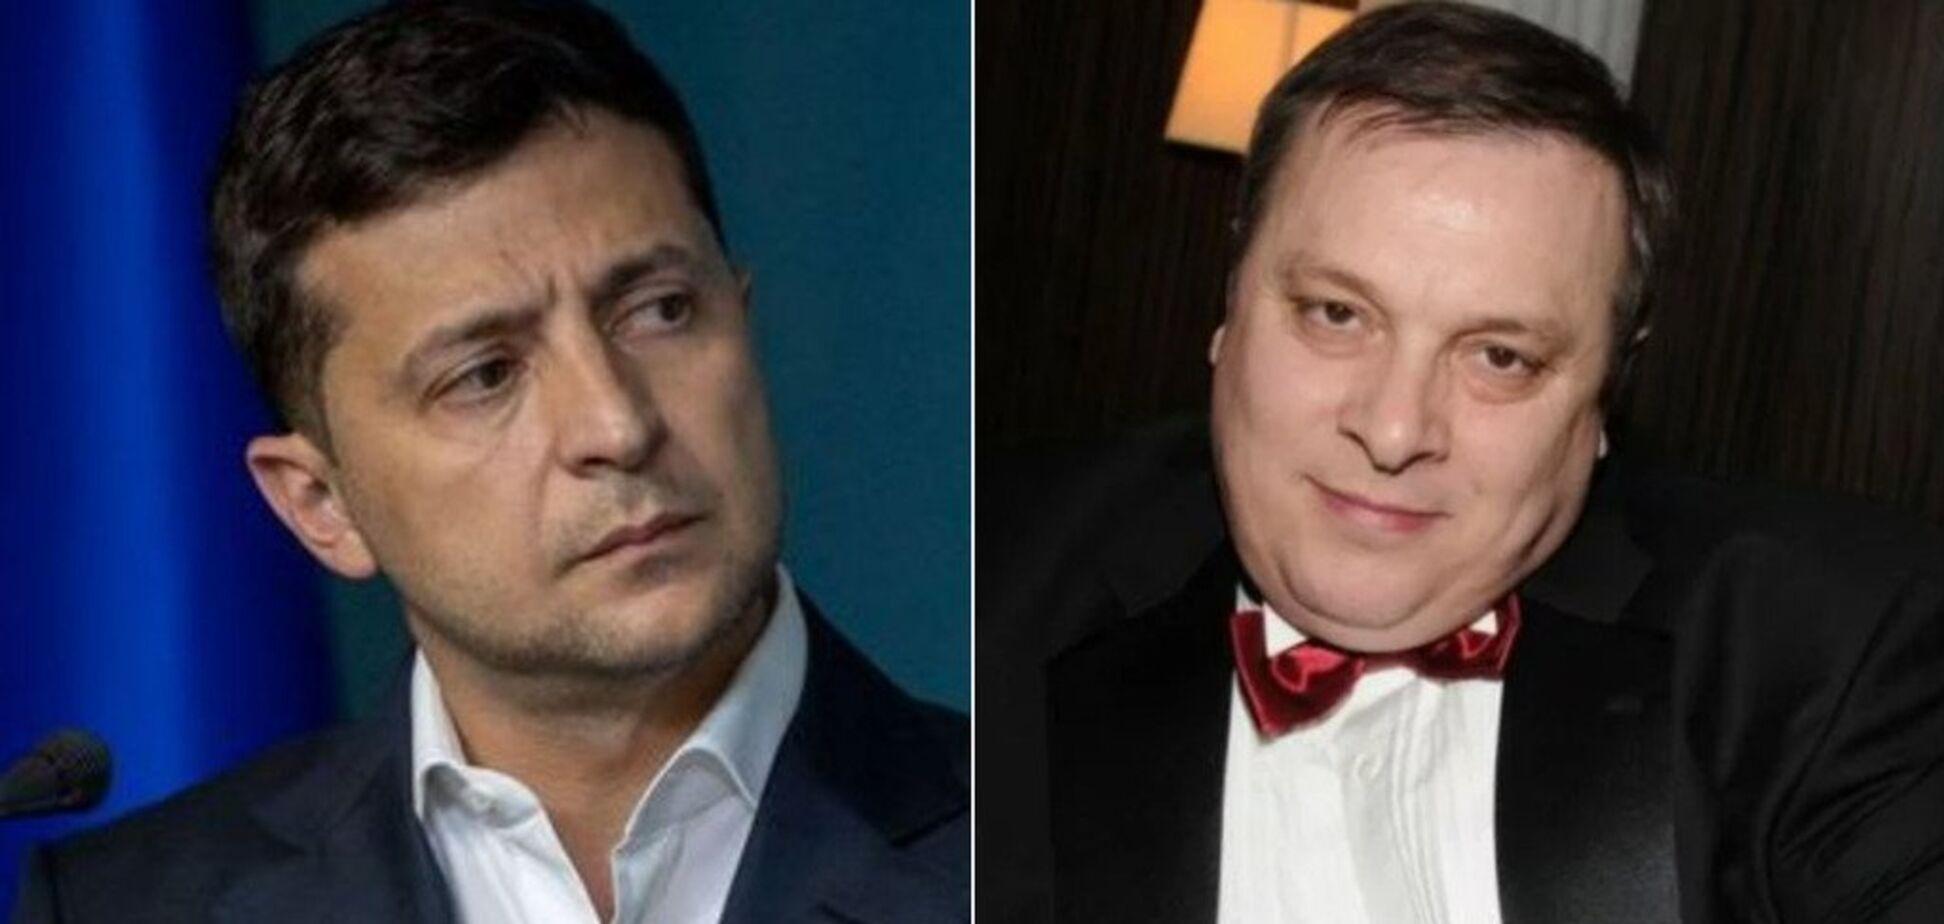 'Убиваете бездействием': Разин разразился обвинениями в адрес Зеленского